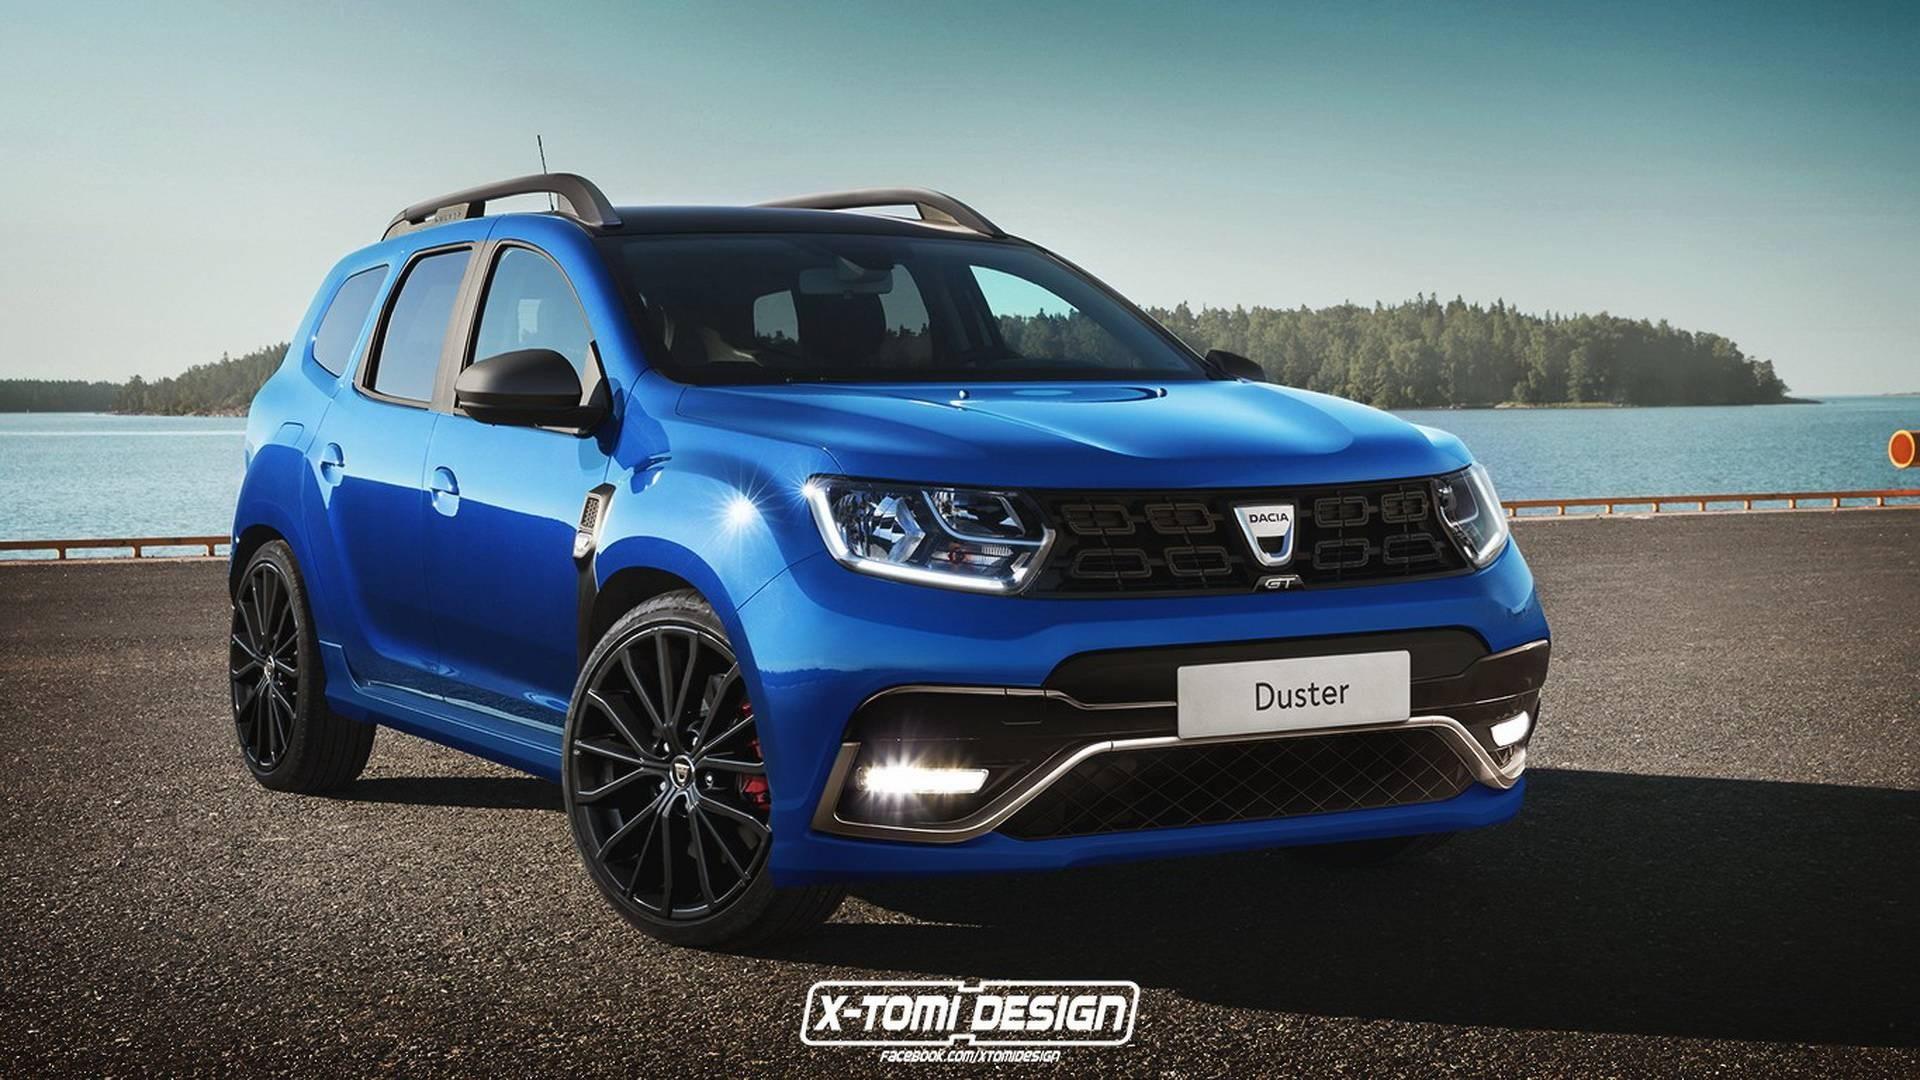 曝2018款Dacia Duster新车计划 将推皮卡/GT/三门版车型